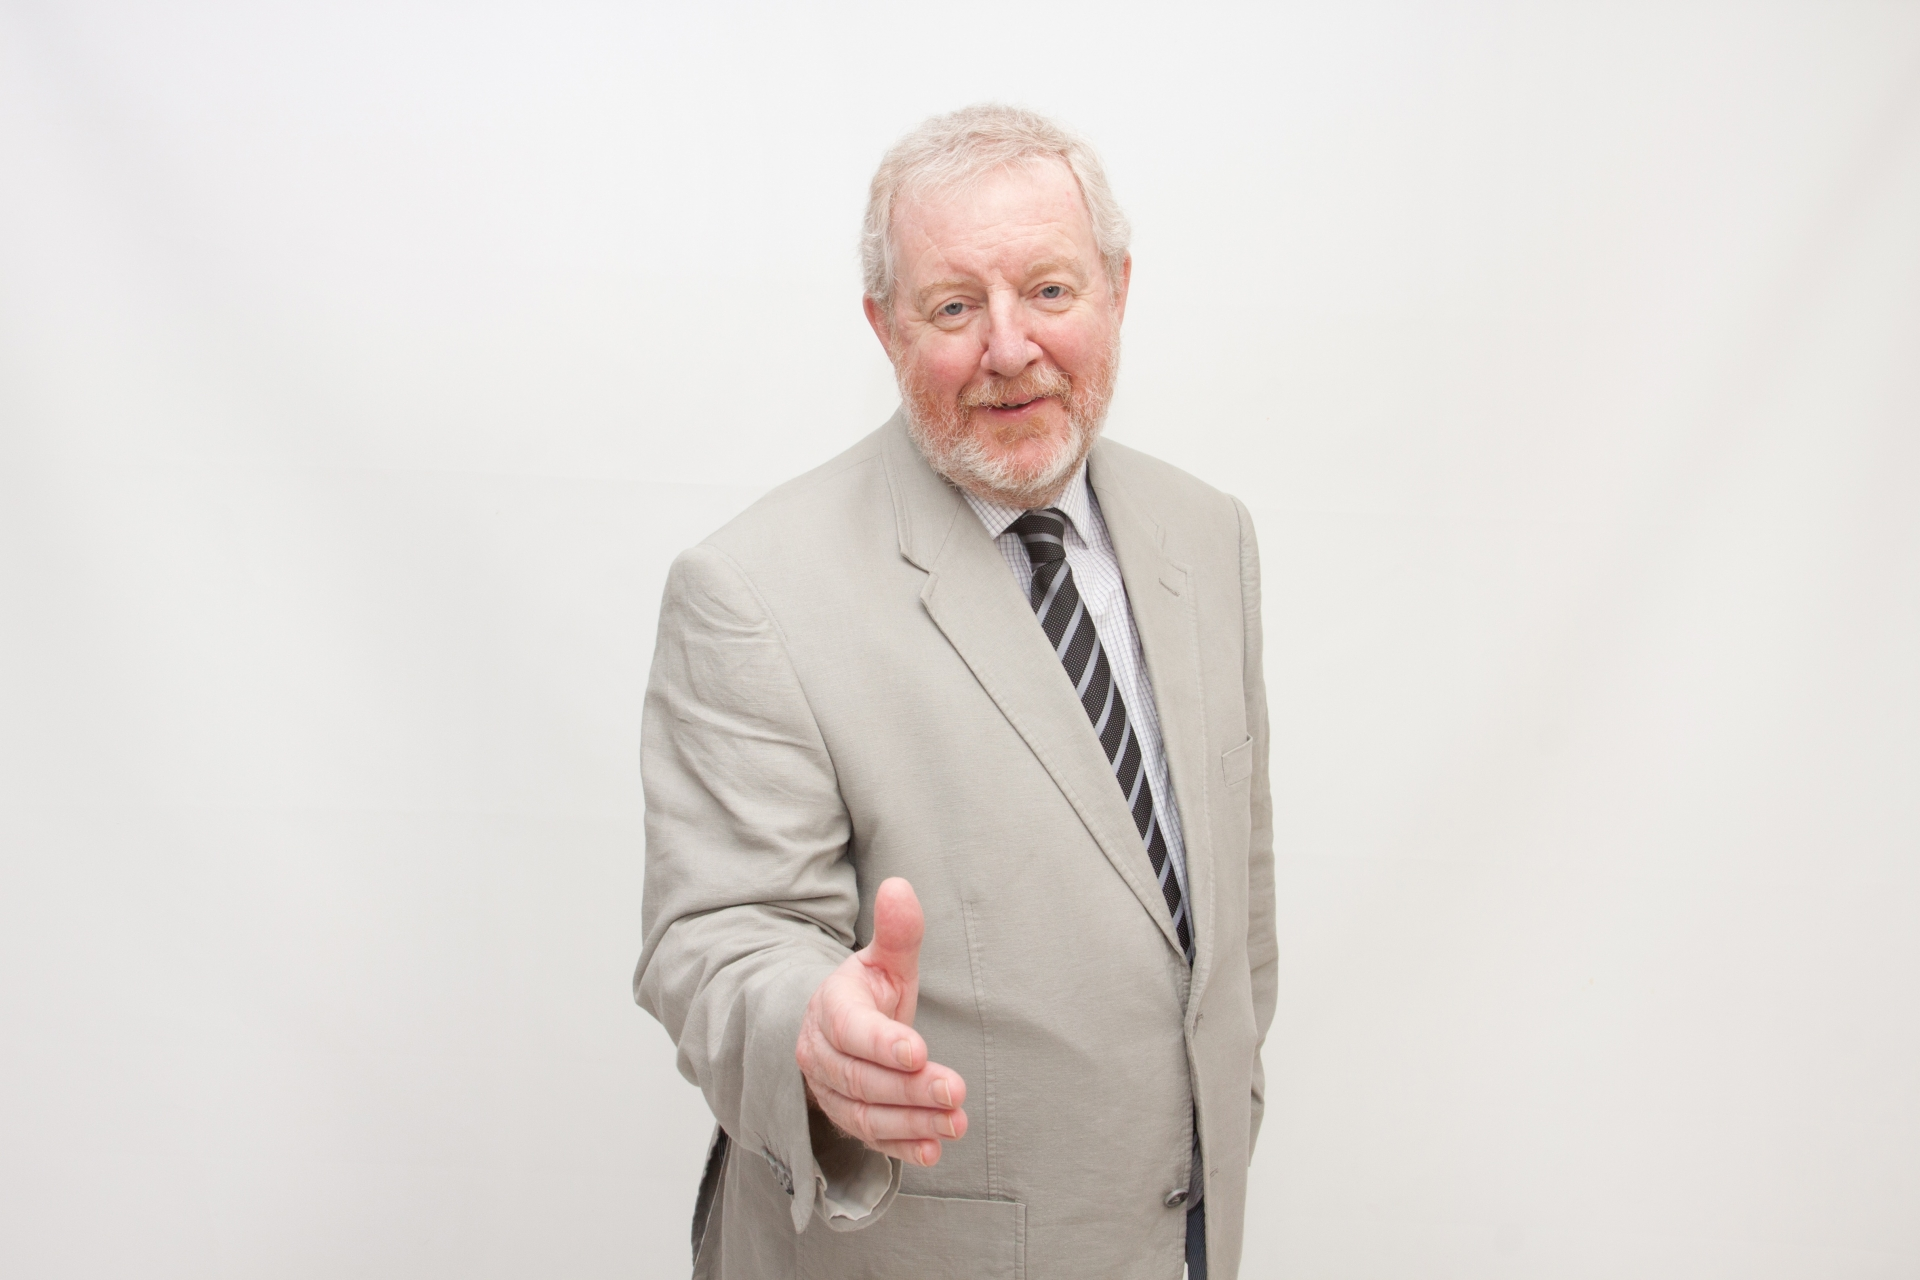 握手を求める老人男性